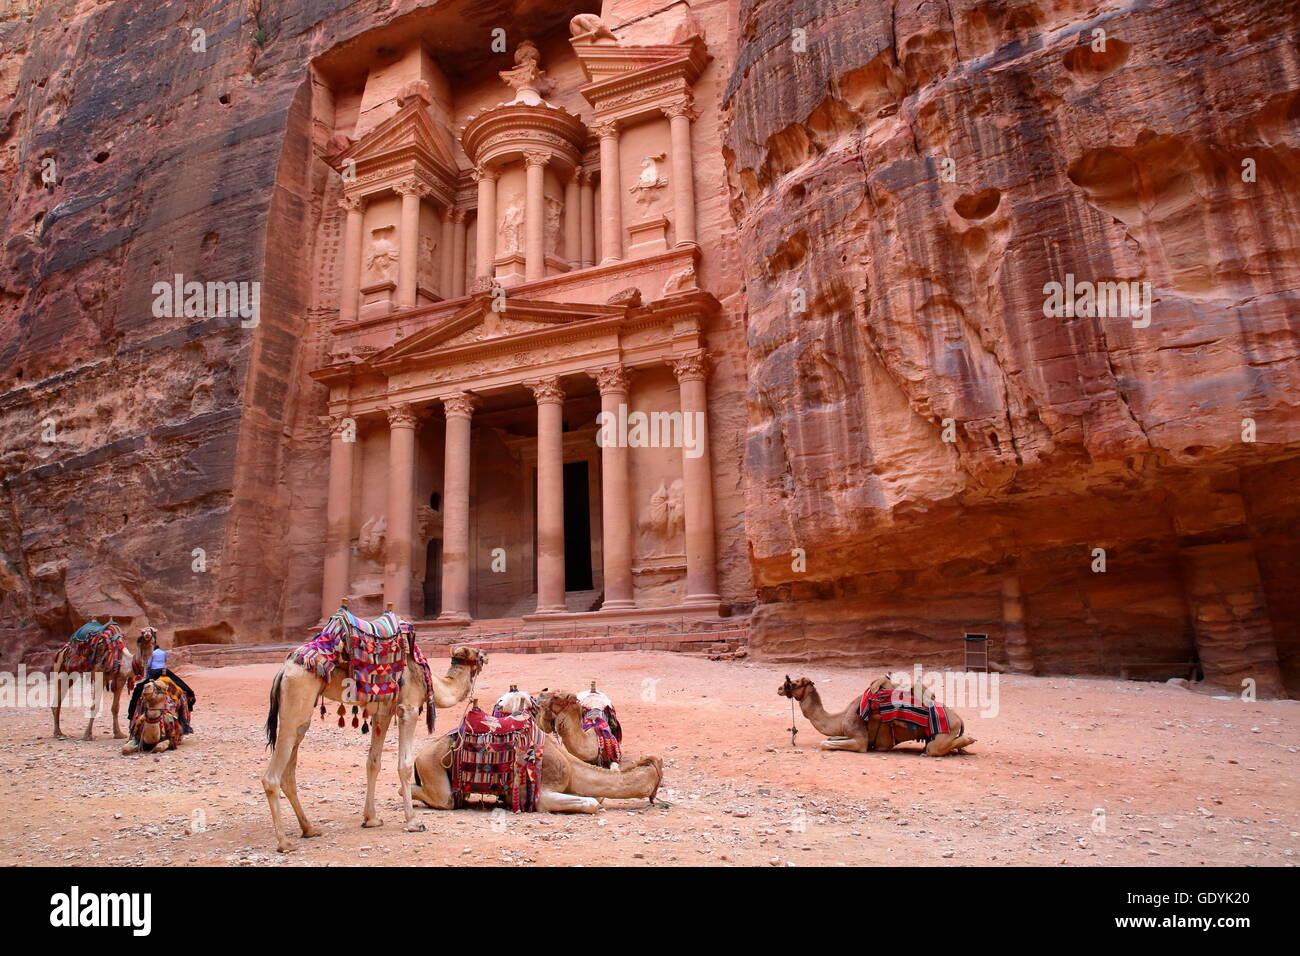 The Treasury (Al Khazneh) in Petra, Jordan - Stock Image